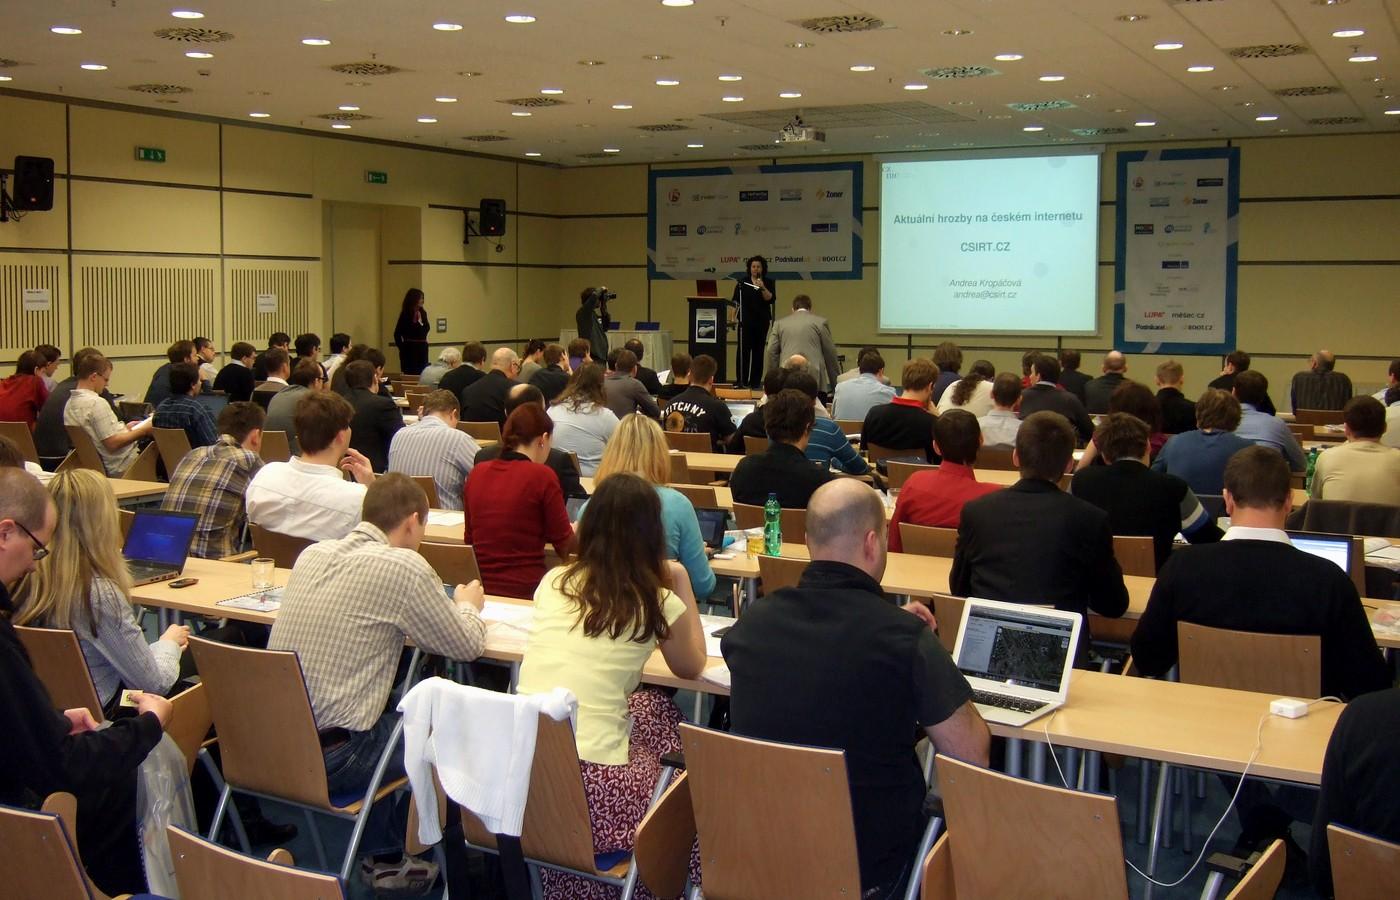 Hlavní sál se již naplnil a Andrea Kropáčová začíná přednášet